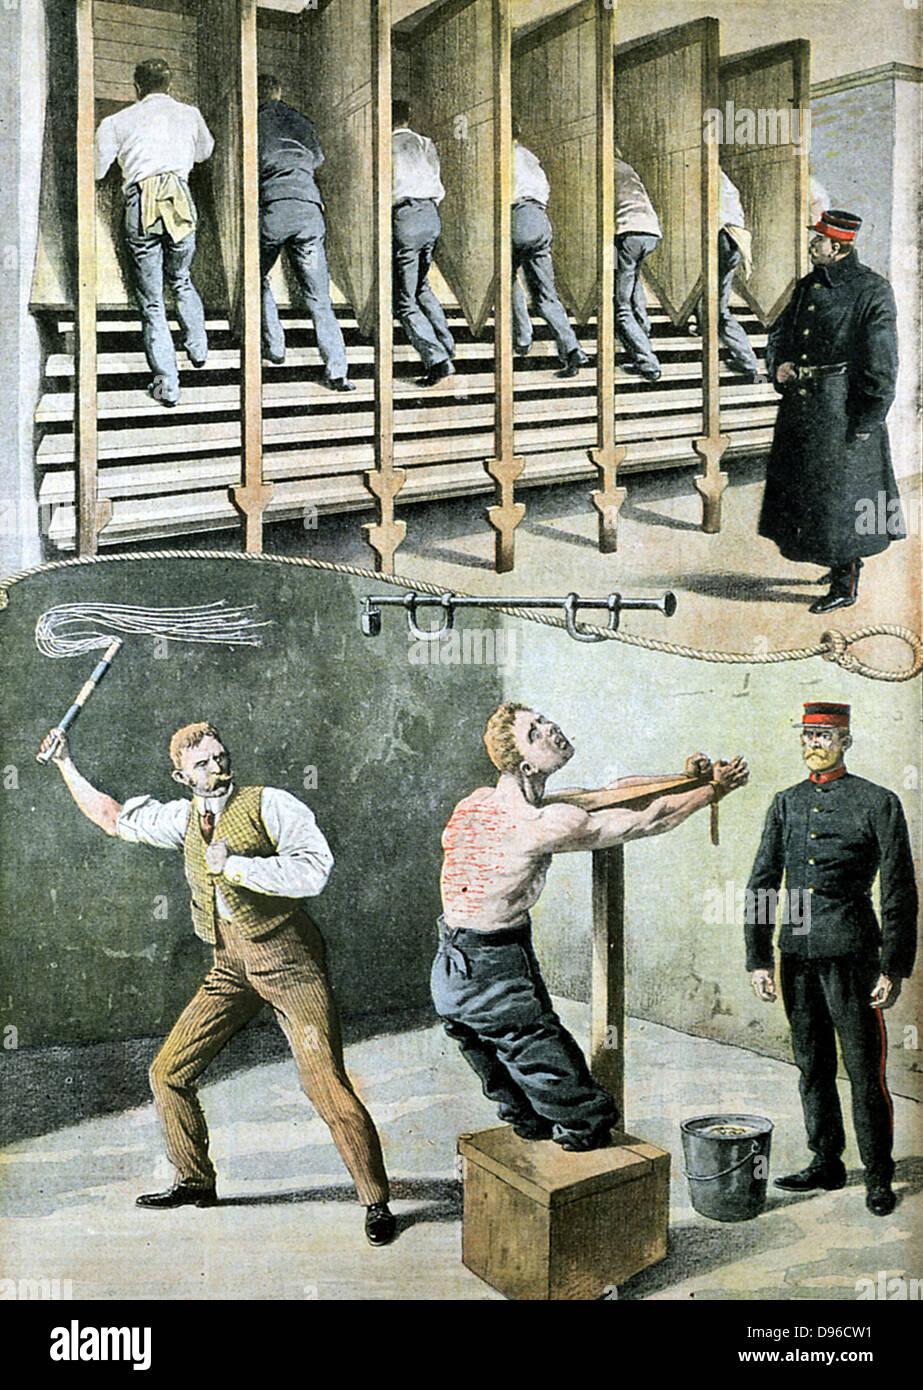 English la vita in carcere: tapis roulant per il duro lavoro e la punizione con il CAT-o-nove-tail. La Francia è Immagini Stock